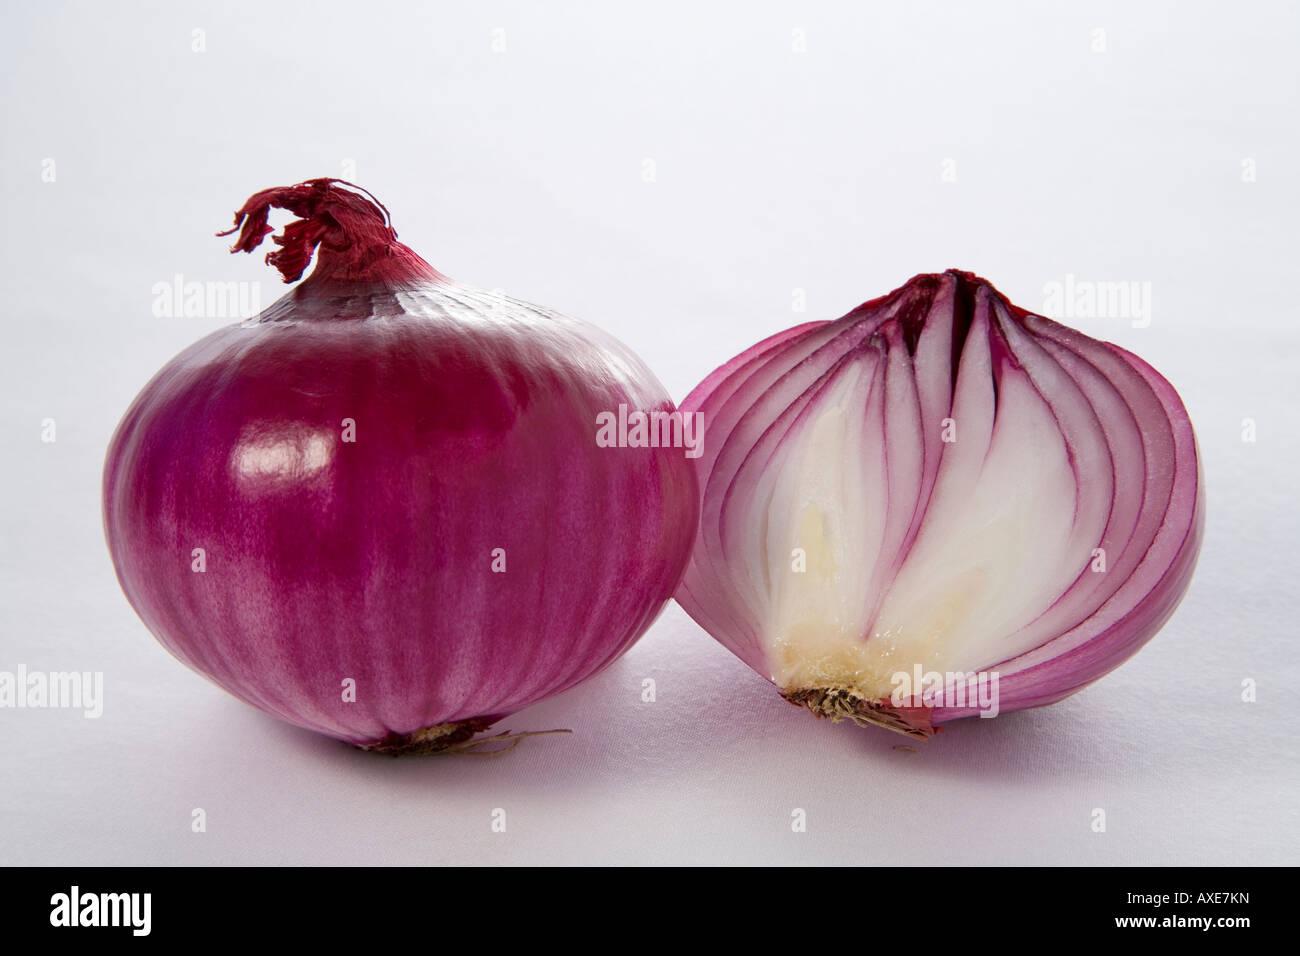 Rote Zwiebel auf dem weißen Tuch (Allium Cepa) Stockbild